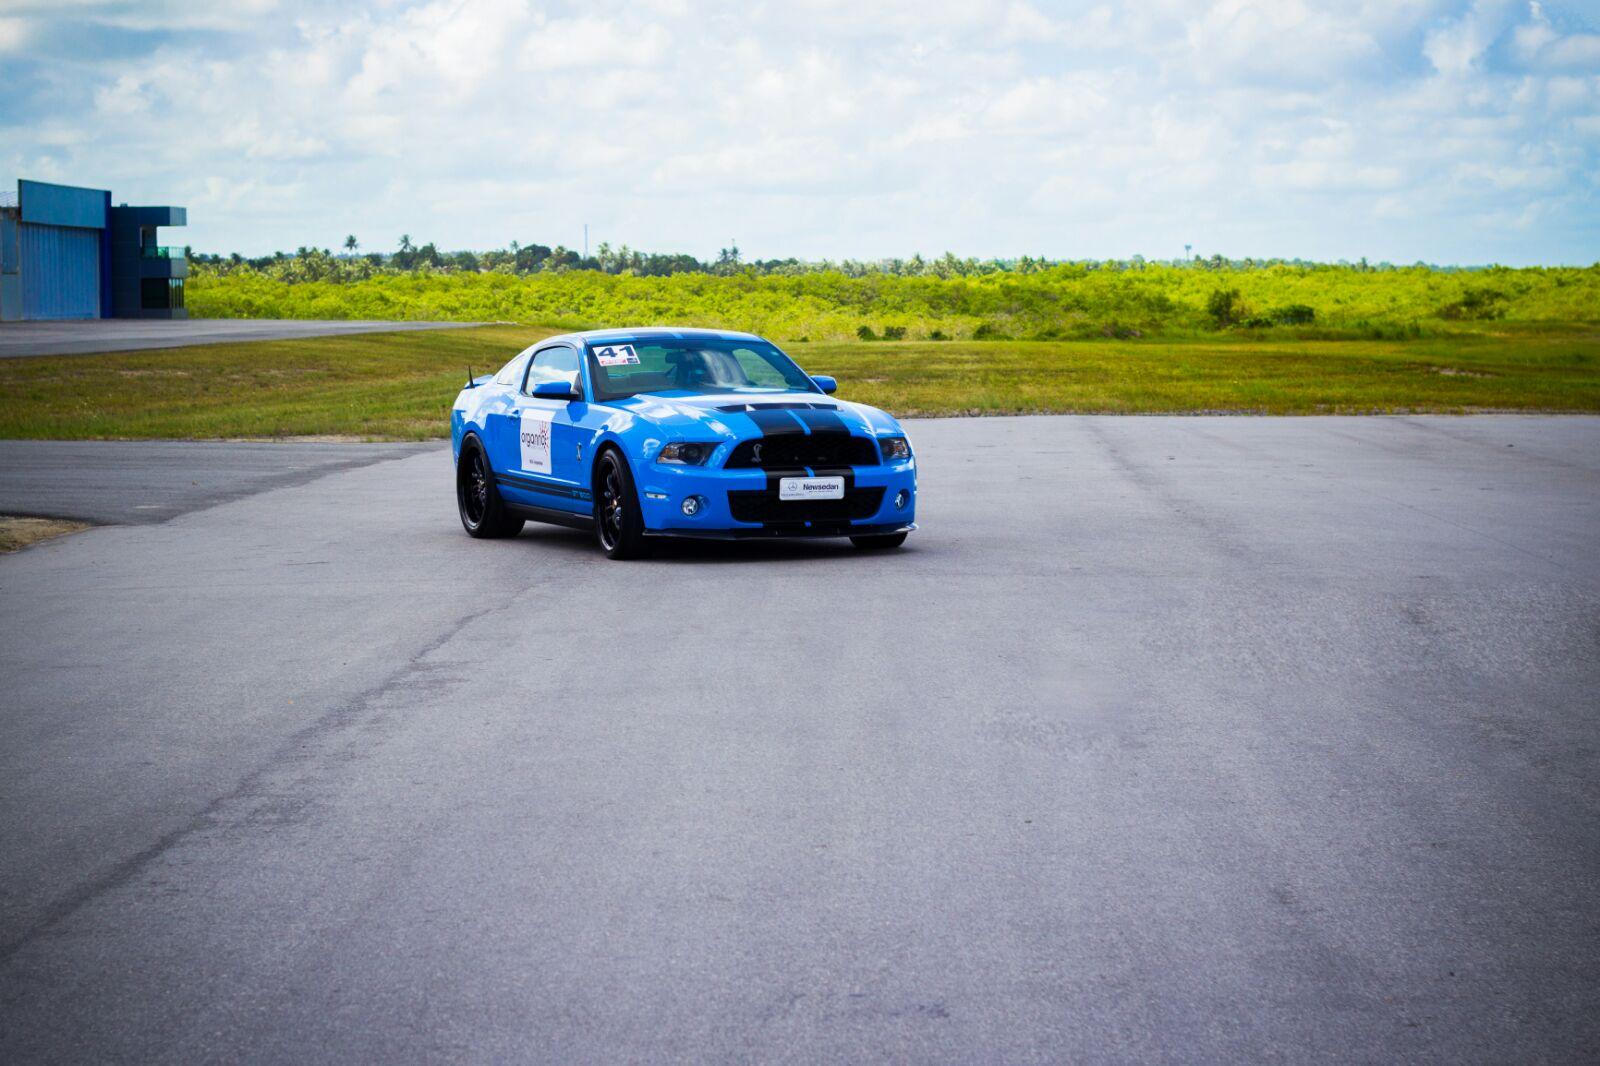 Sprint 800m - Aeródromo da Coroa do Avião em Igarassu/PE Sguuxc